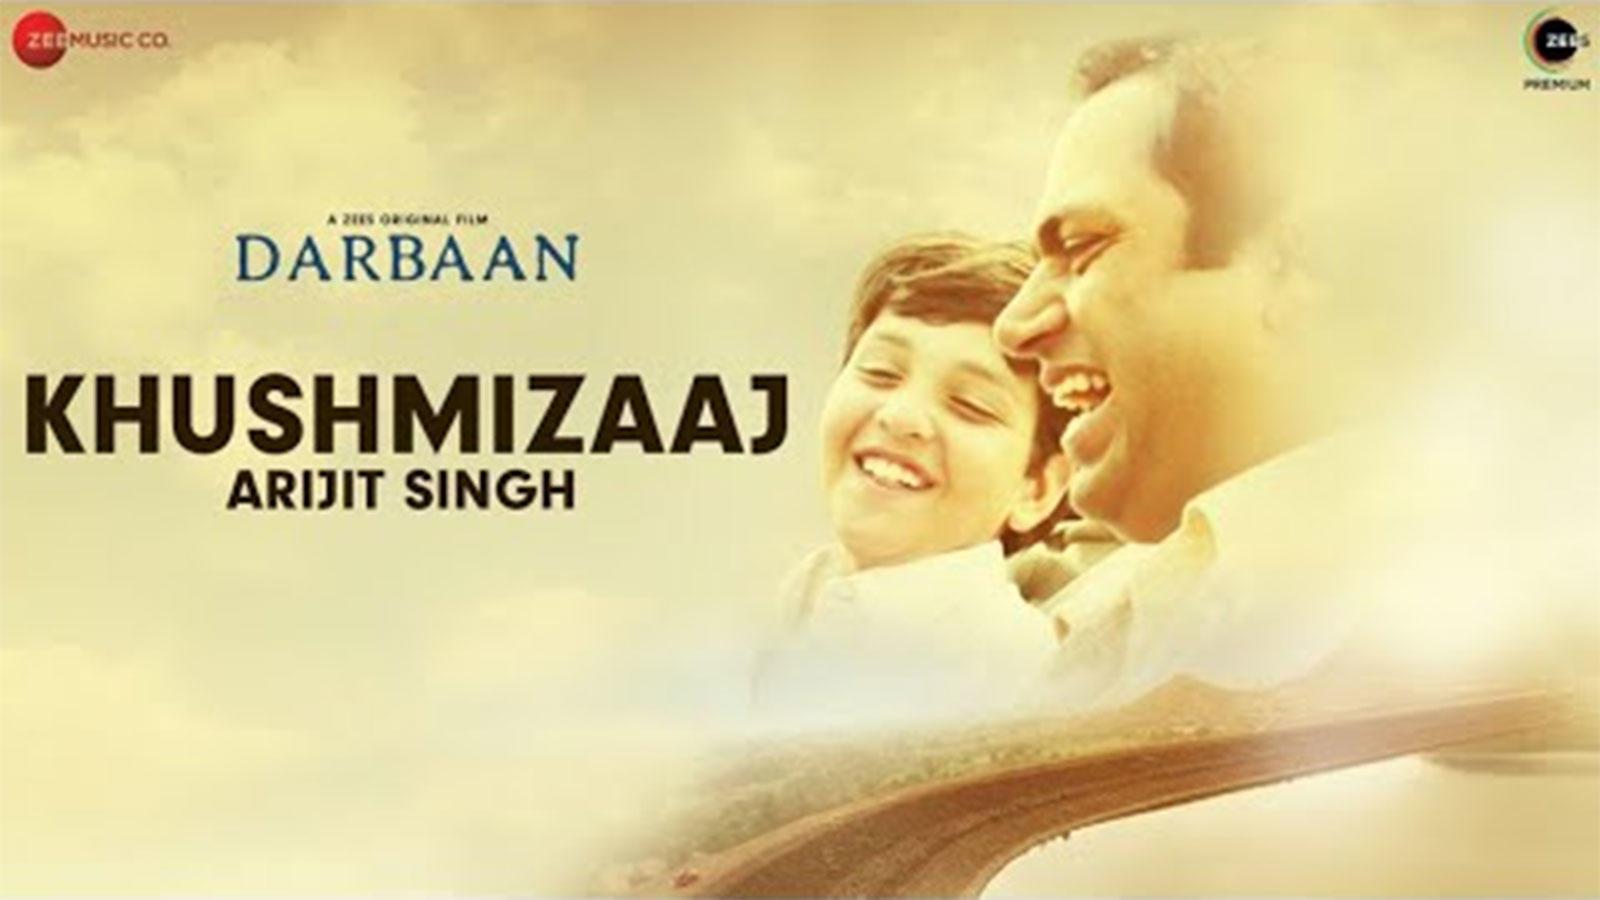 Khushmizaaj